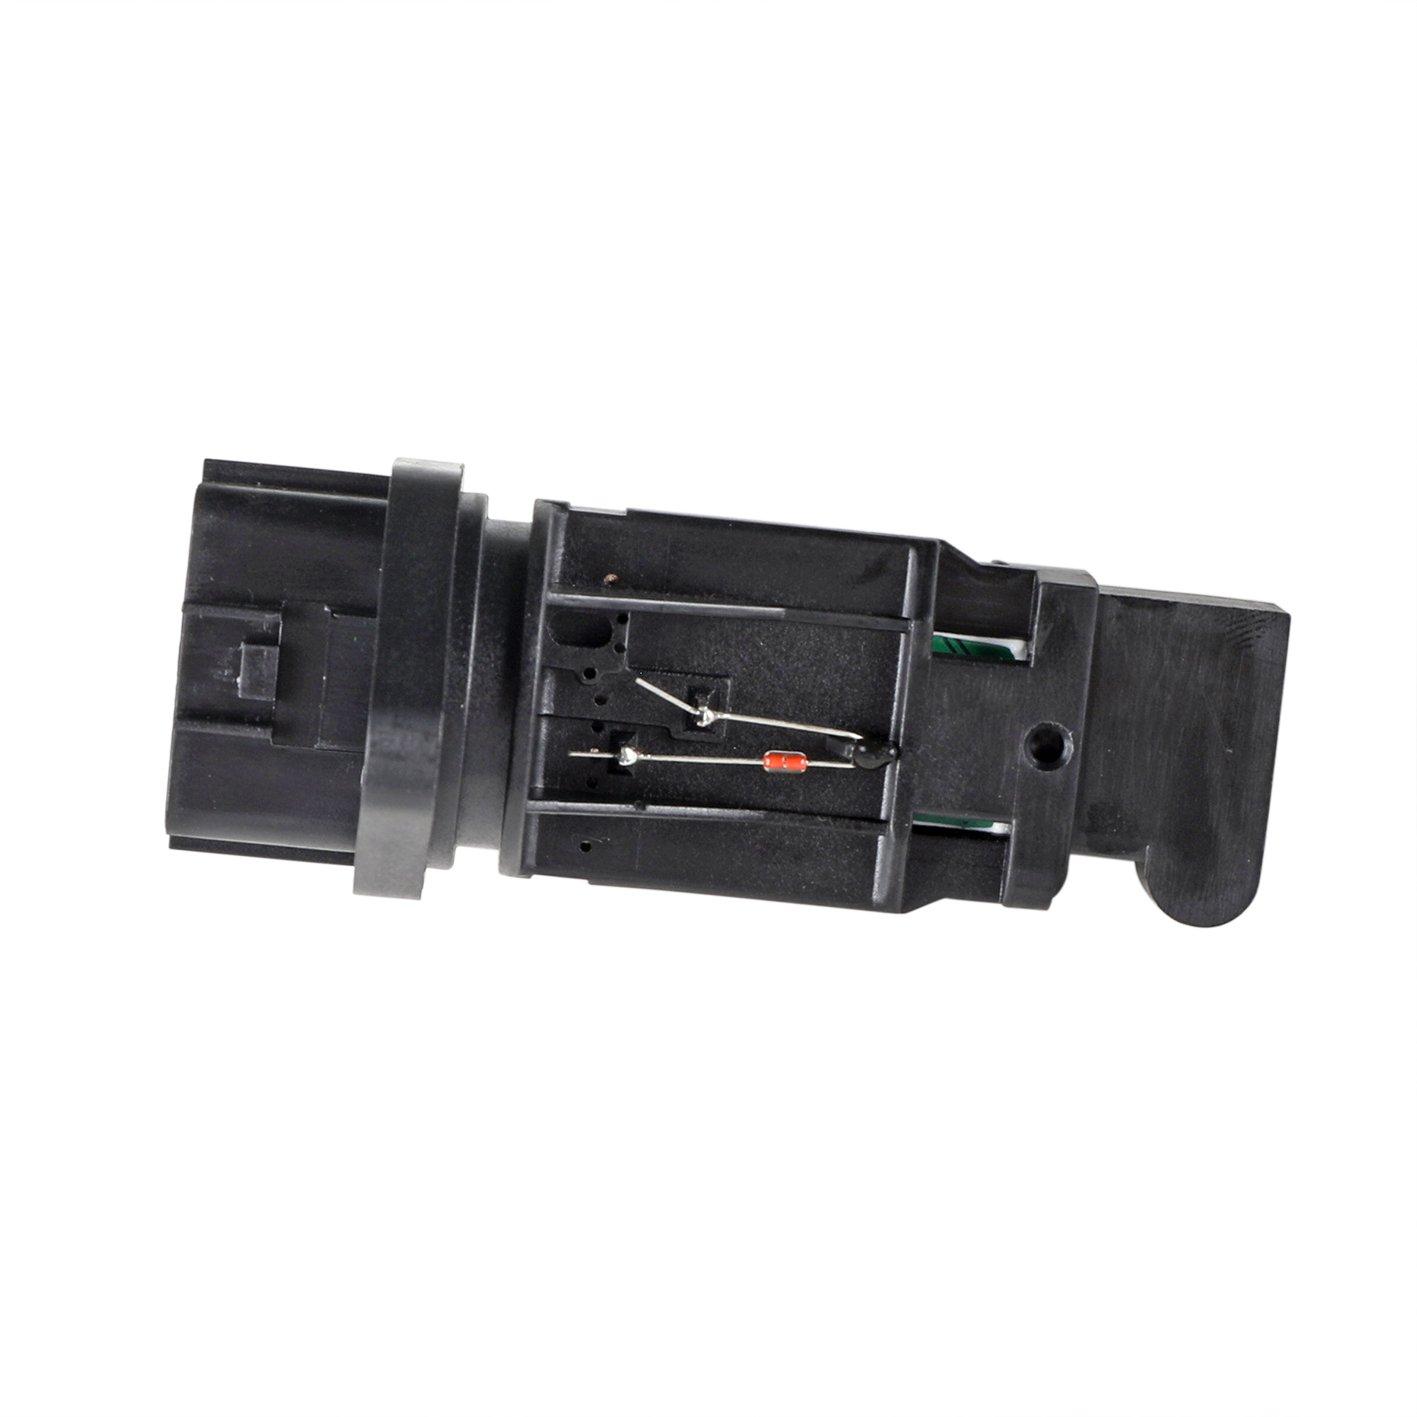 #CS2134 Mass Air Flow Sensor for 2003-06 Nissan Sentra 1.8L Bodeman